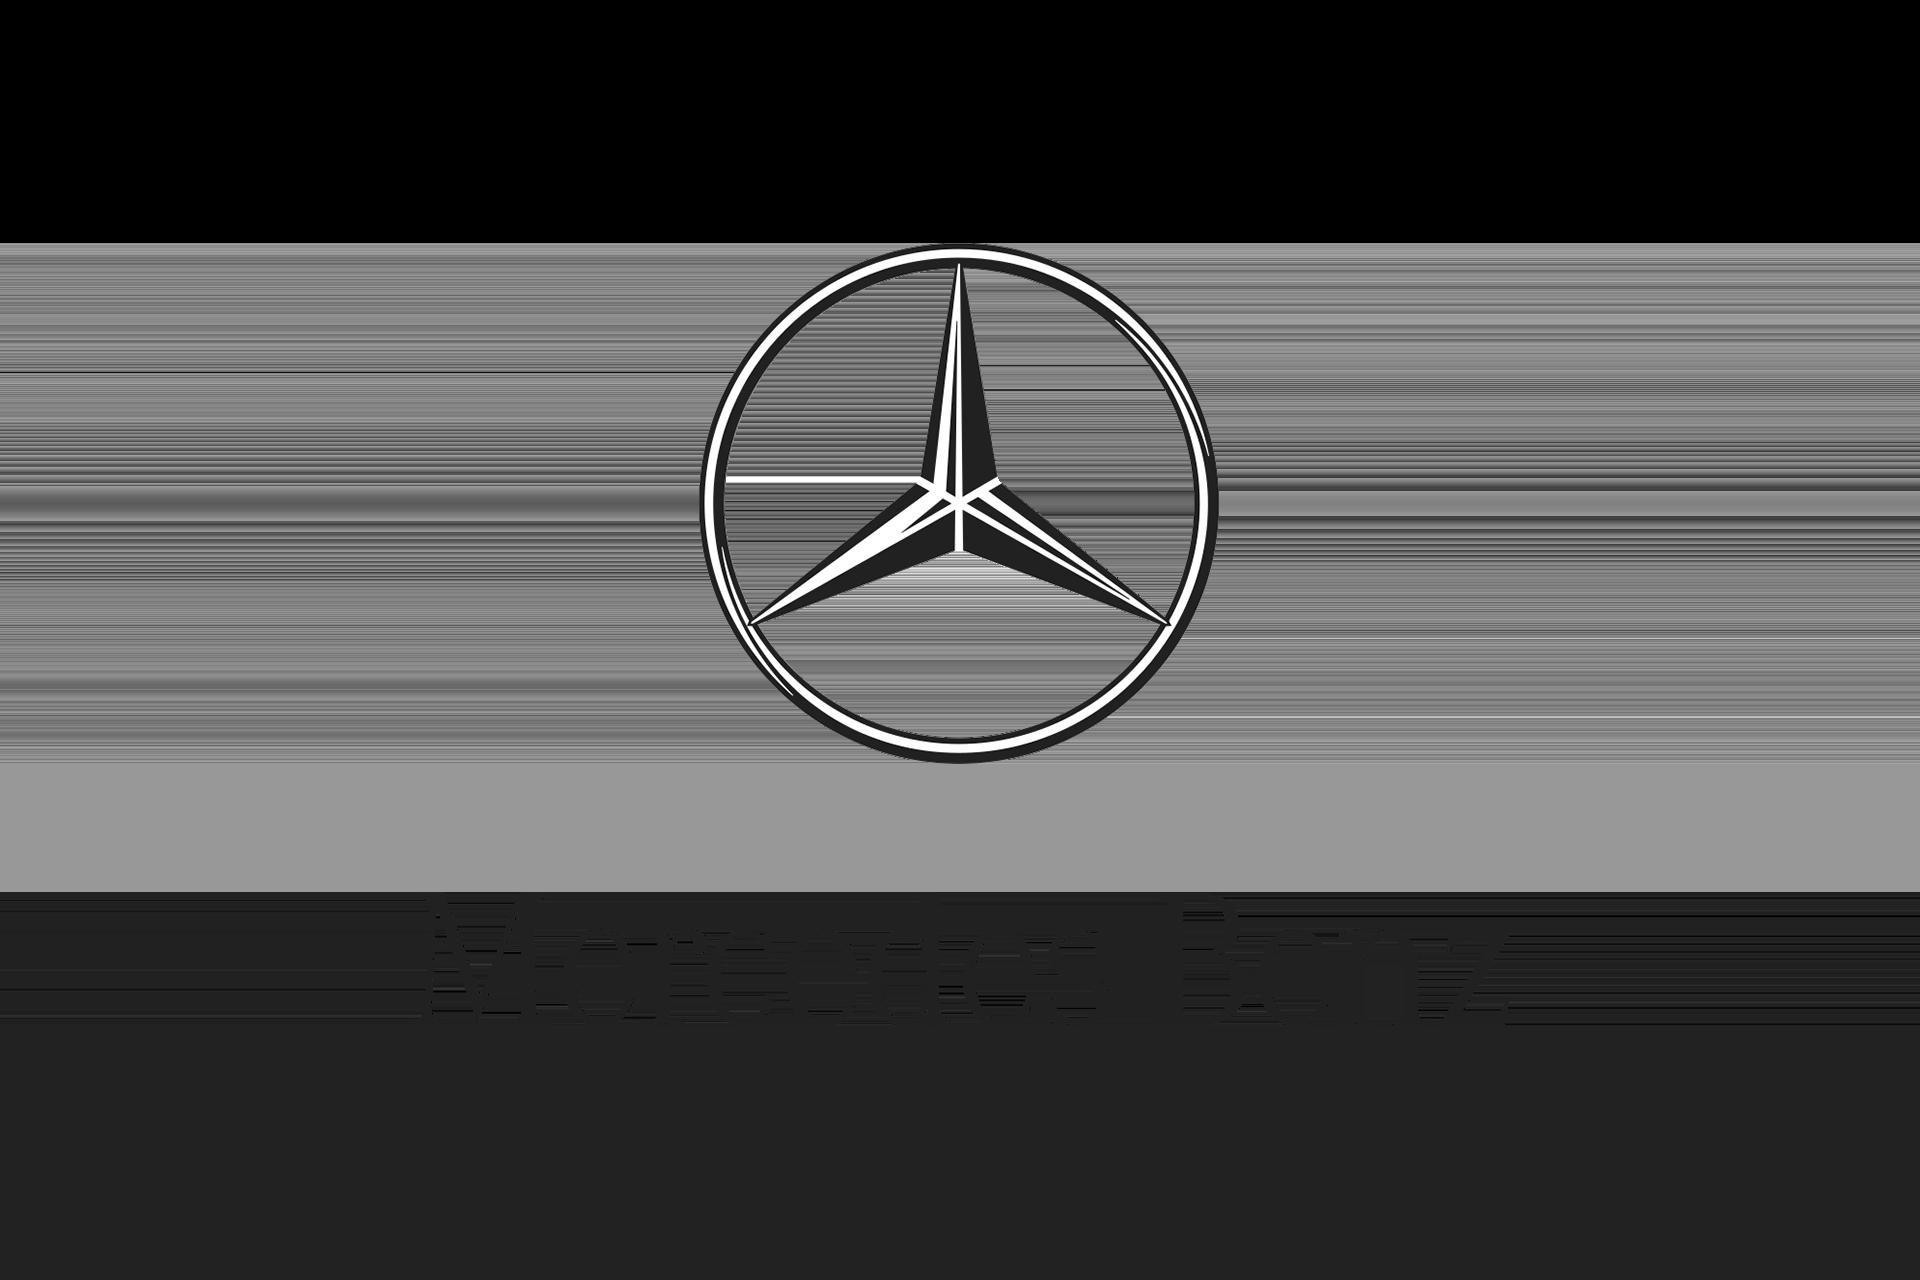 mercedes referenz jentner metallveredelung logo sw